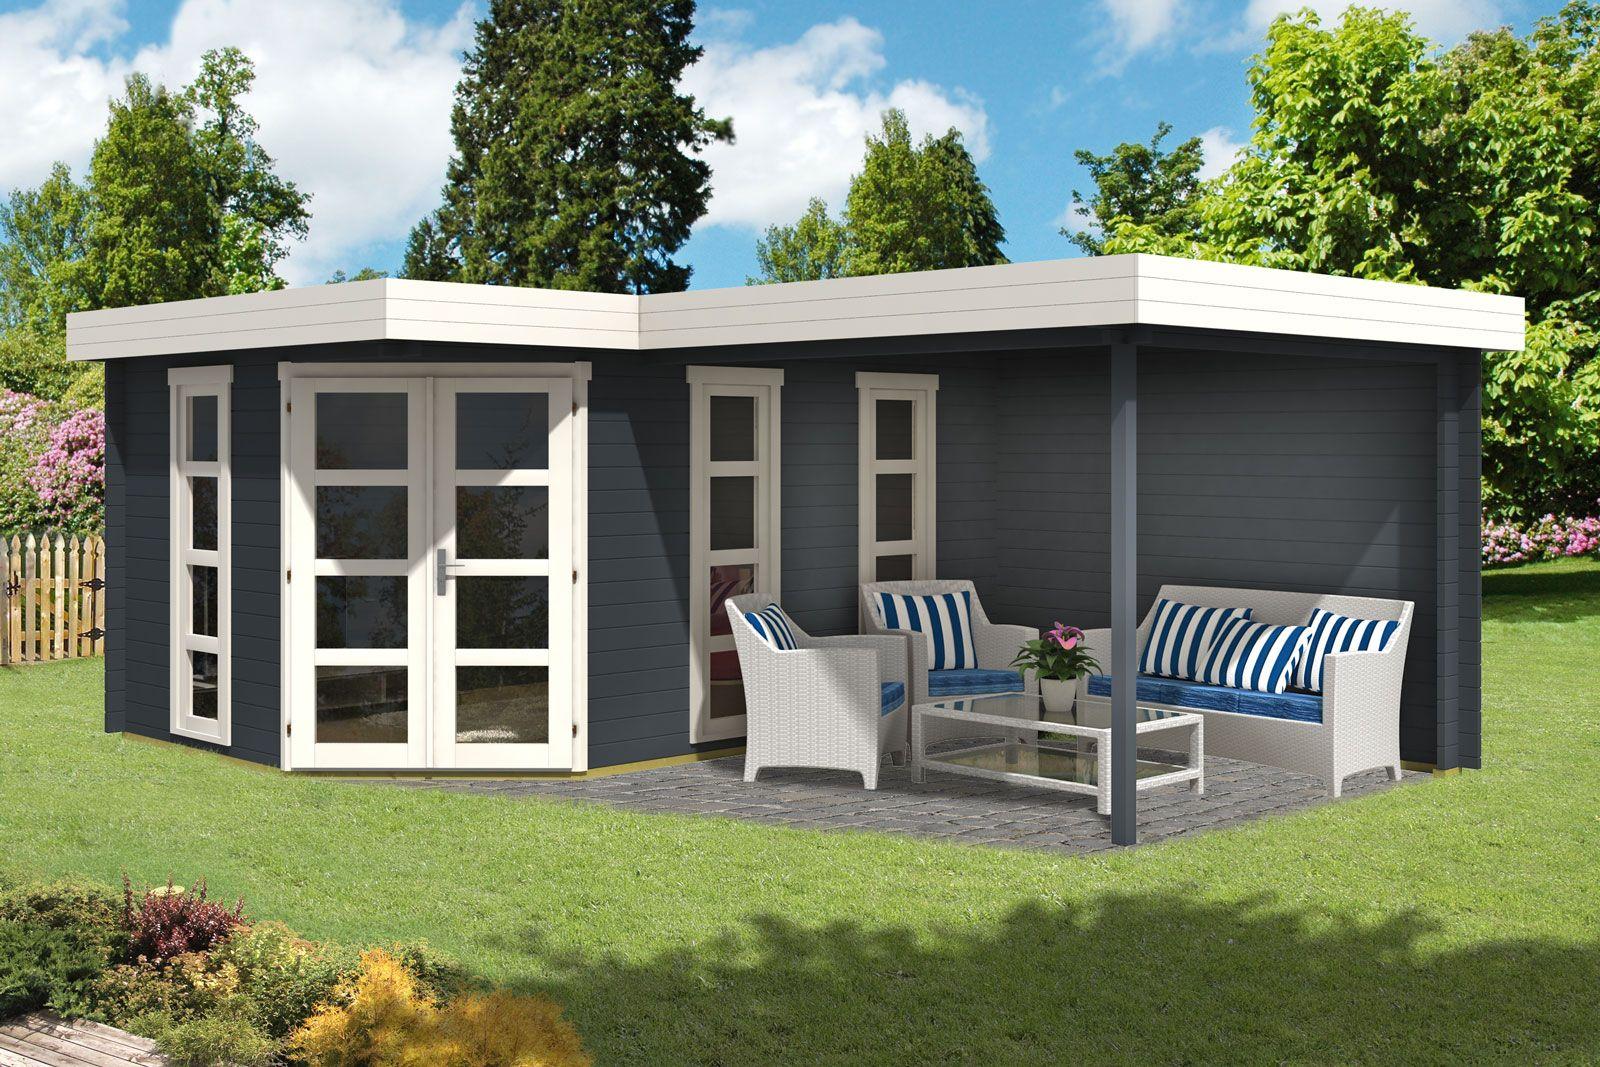 Awesome Bestellen Sie Ihr Gartenhaus Beim Fachmann! Über 1.000 Modelle Mit  Flachdach, Spitzdach, 5 Eck Uvm. +++ 0u20ac Versand. +++ Jetzt Schnäppchen  Sichern!